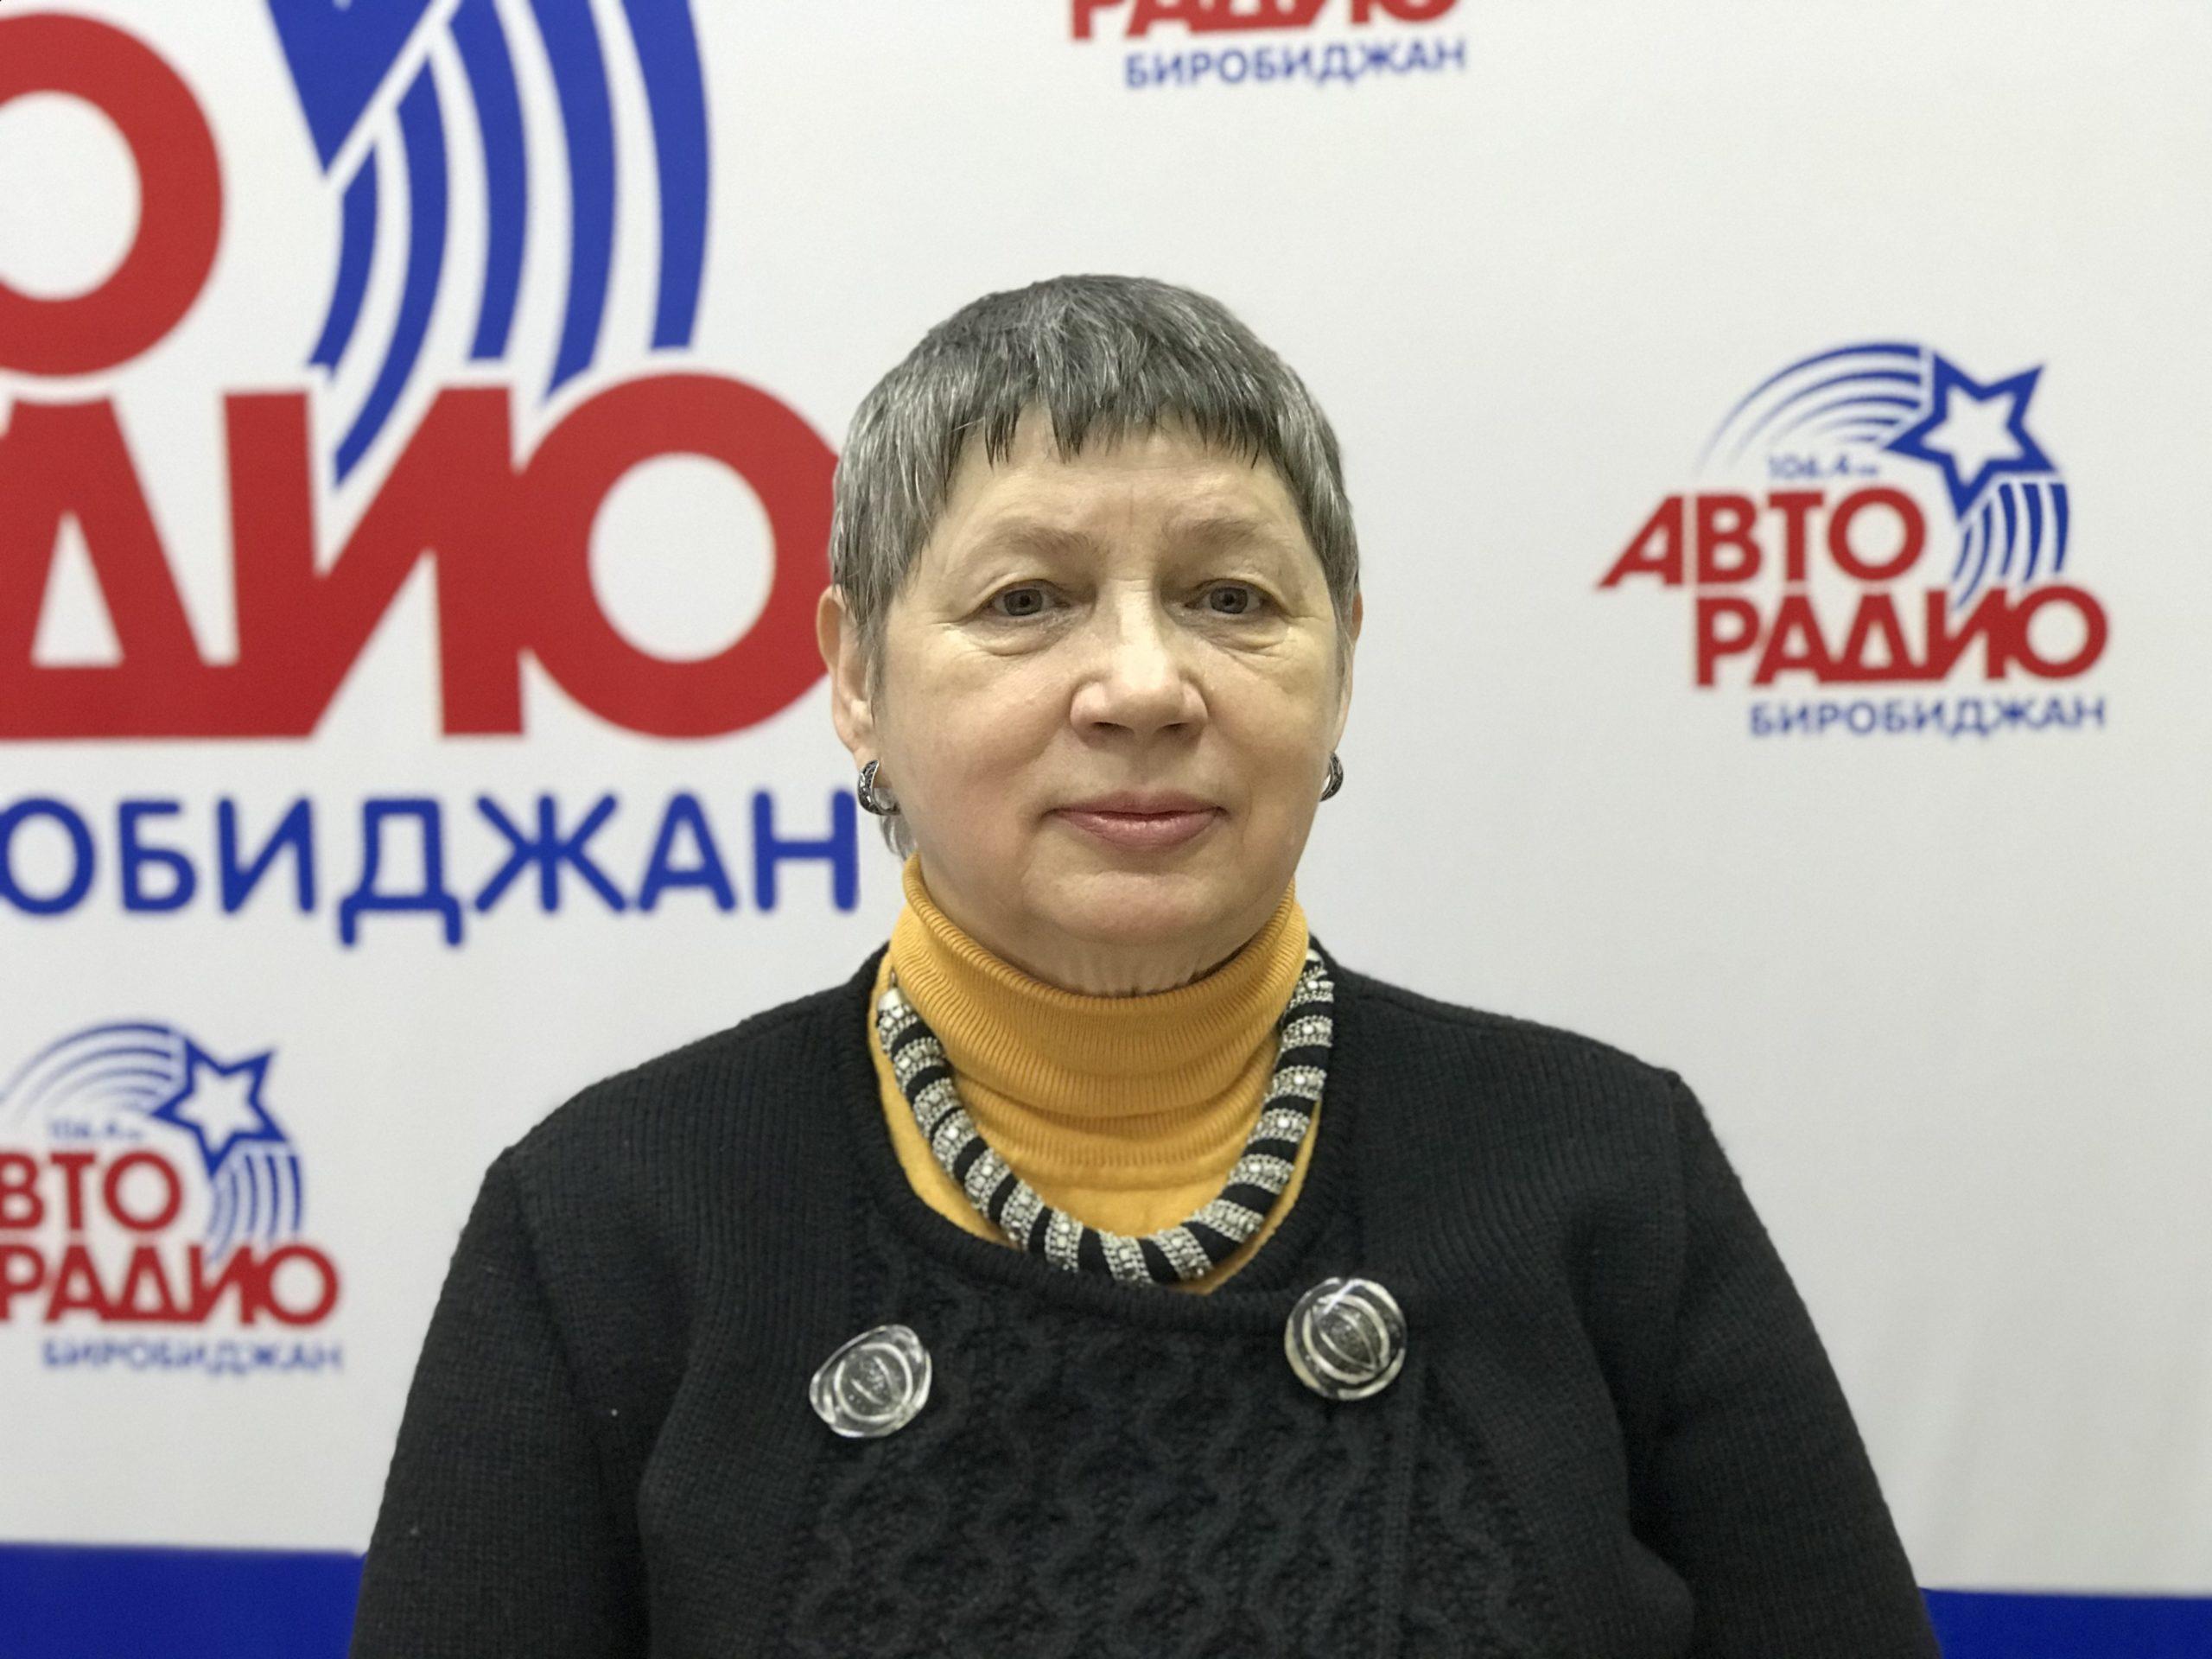 С Днём учителя поздравляет коллег руководитель педагогической ассоциации ЕАО Татьяна Файн